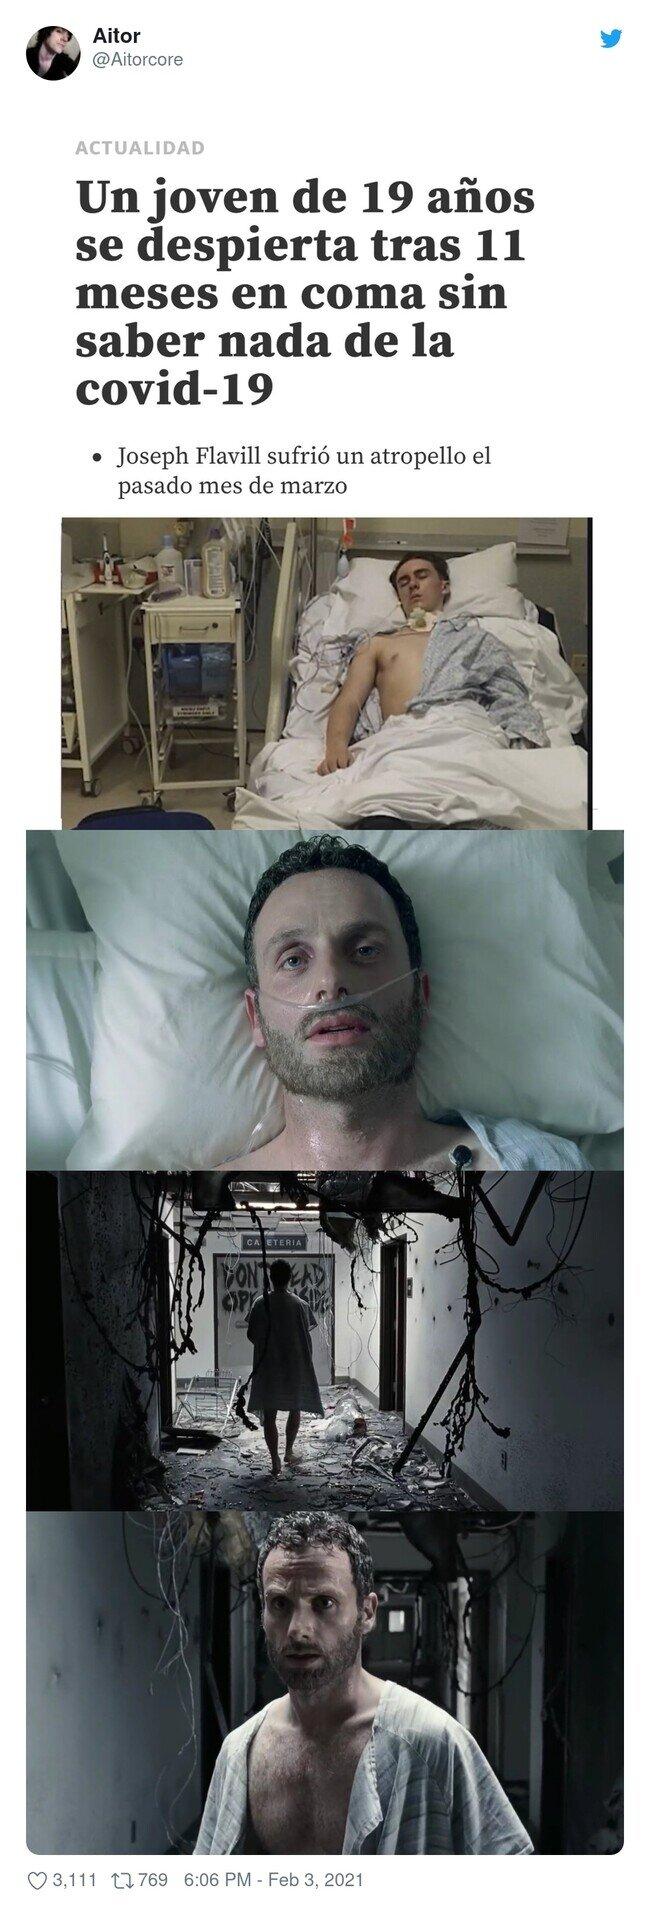 22165 - El chaval: ¿Me puedo volver a dormir entonces?, por @Aitorcore